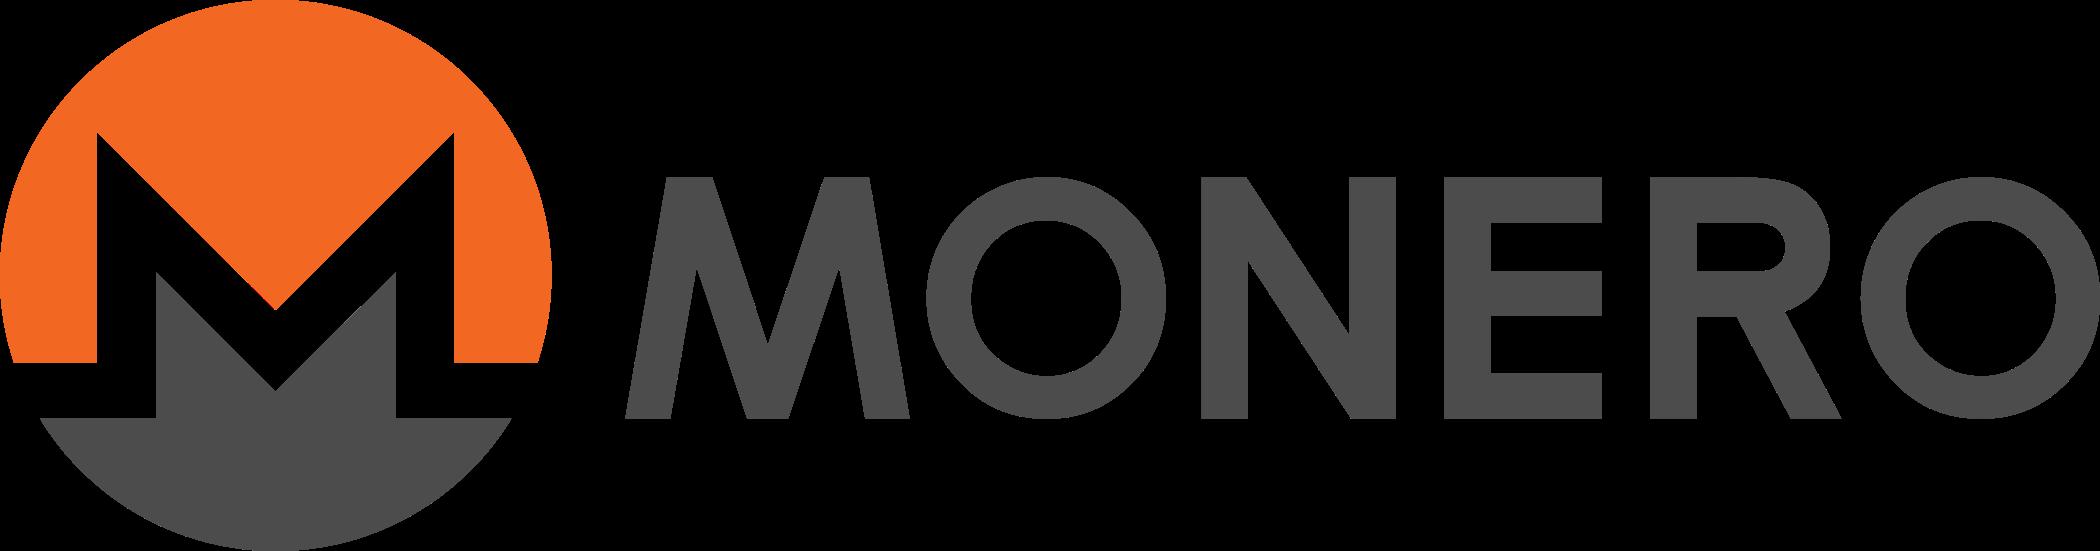 monero logo 2 - Monero Logo